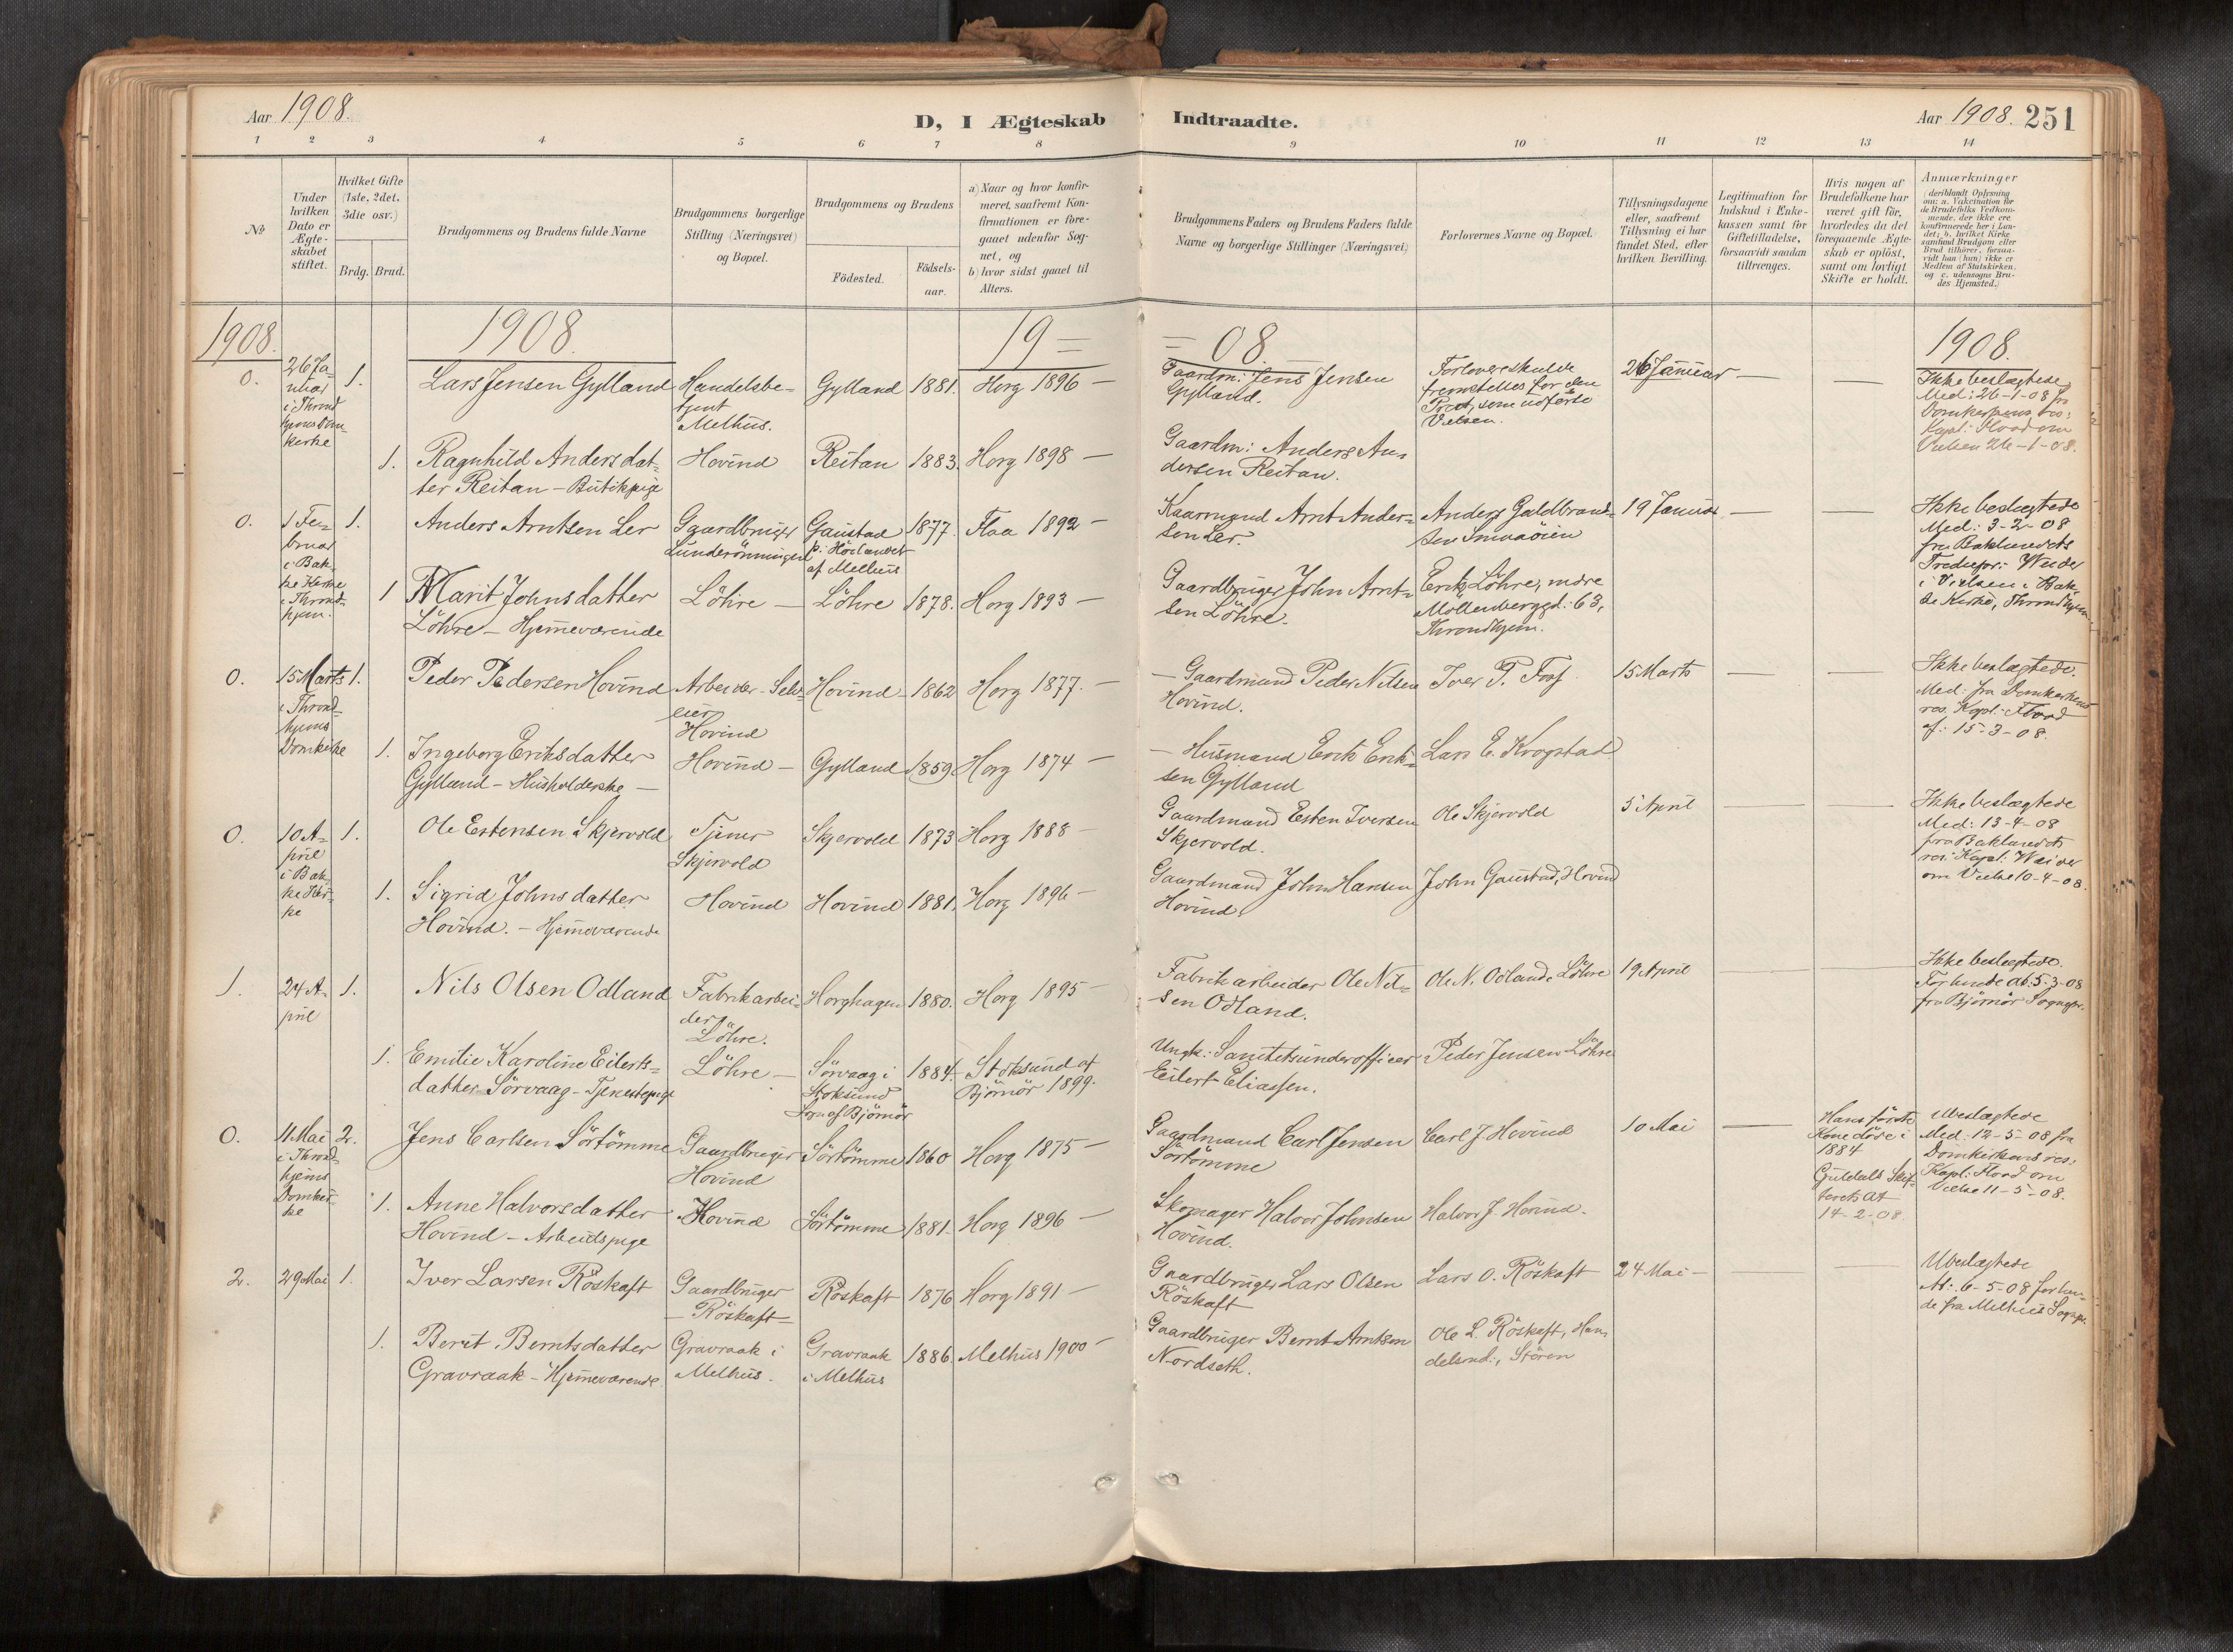 SAT, Ministerialprotokoller, klokkerbøker og fødselsregistre - Sør-Trøndelag, 692/L1105b: Ministerialbok nr. 692A06, 1891-1934, s. 251